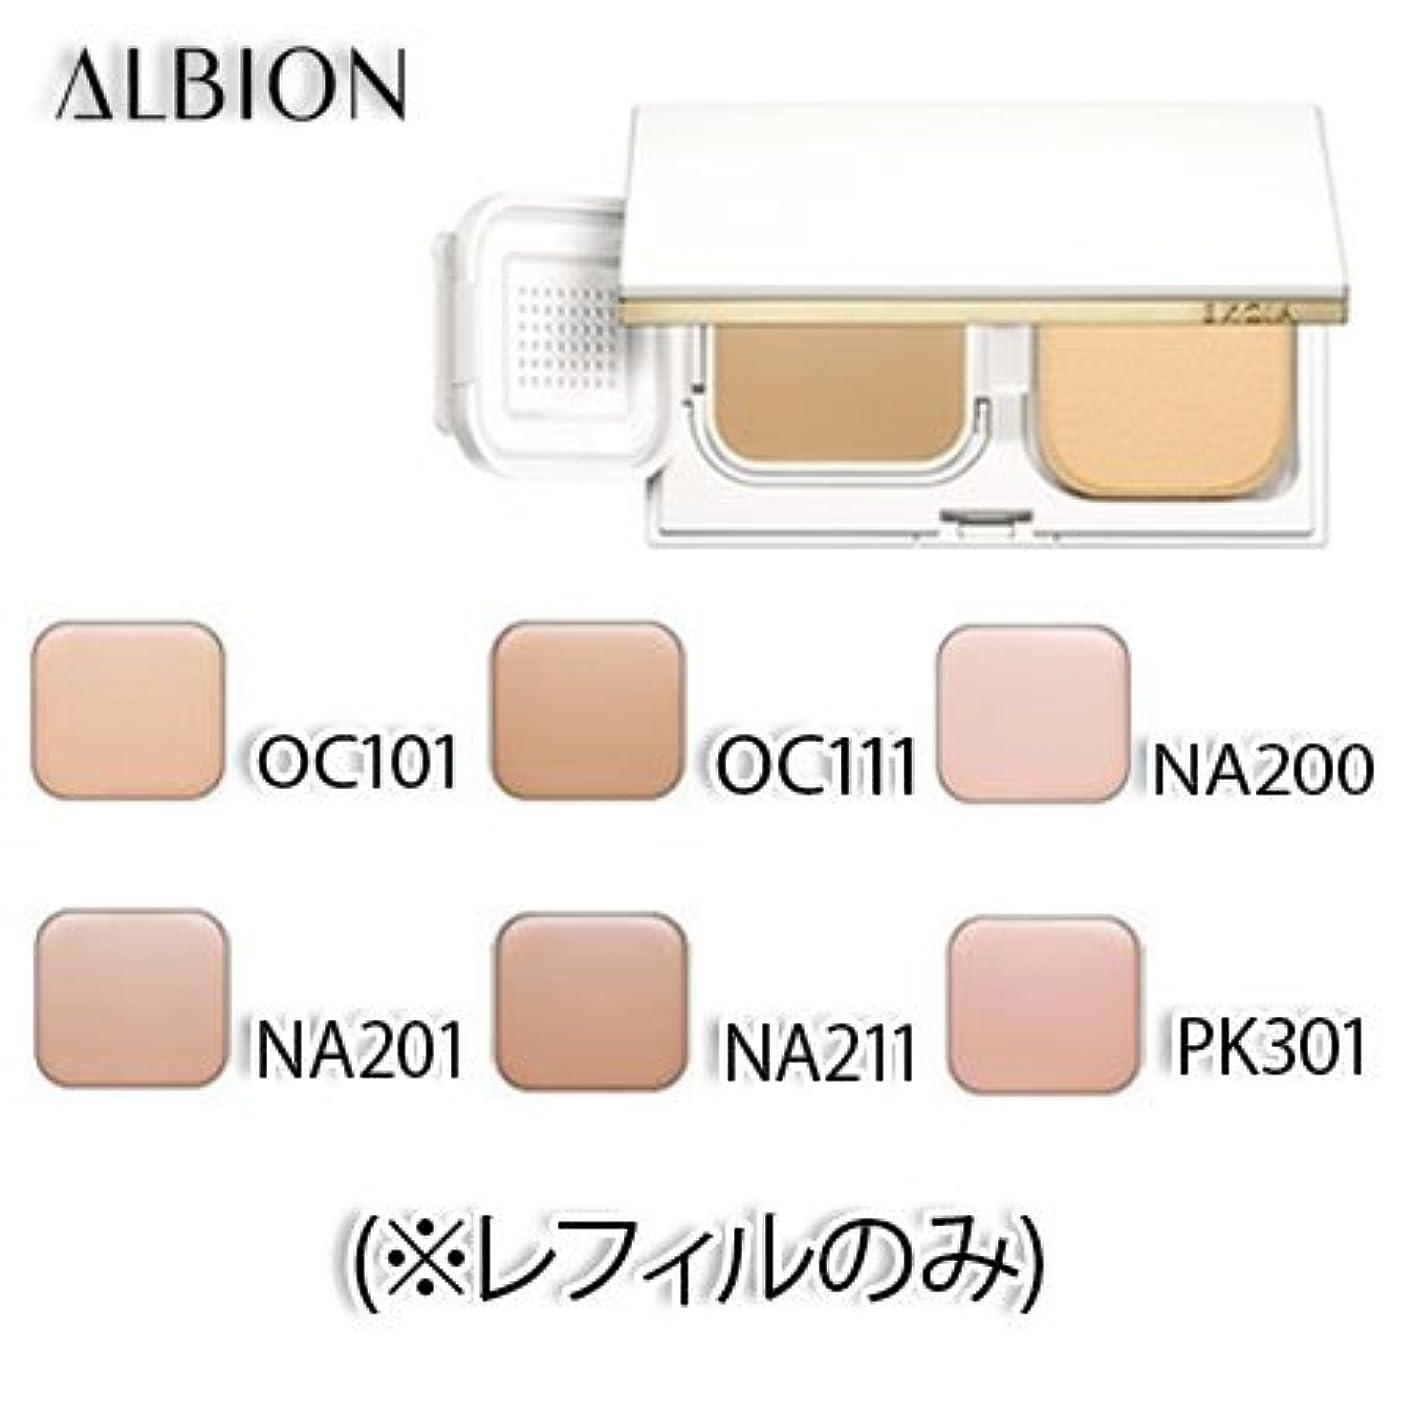 小麦粉マークされた生息地アルビオン エクシア AL リフティング エマルジョン ホワイト 6色 SPF47 PA++++ (レフィルのみ) -ALBION- NA201